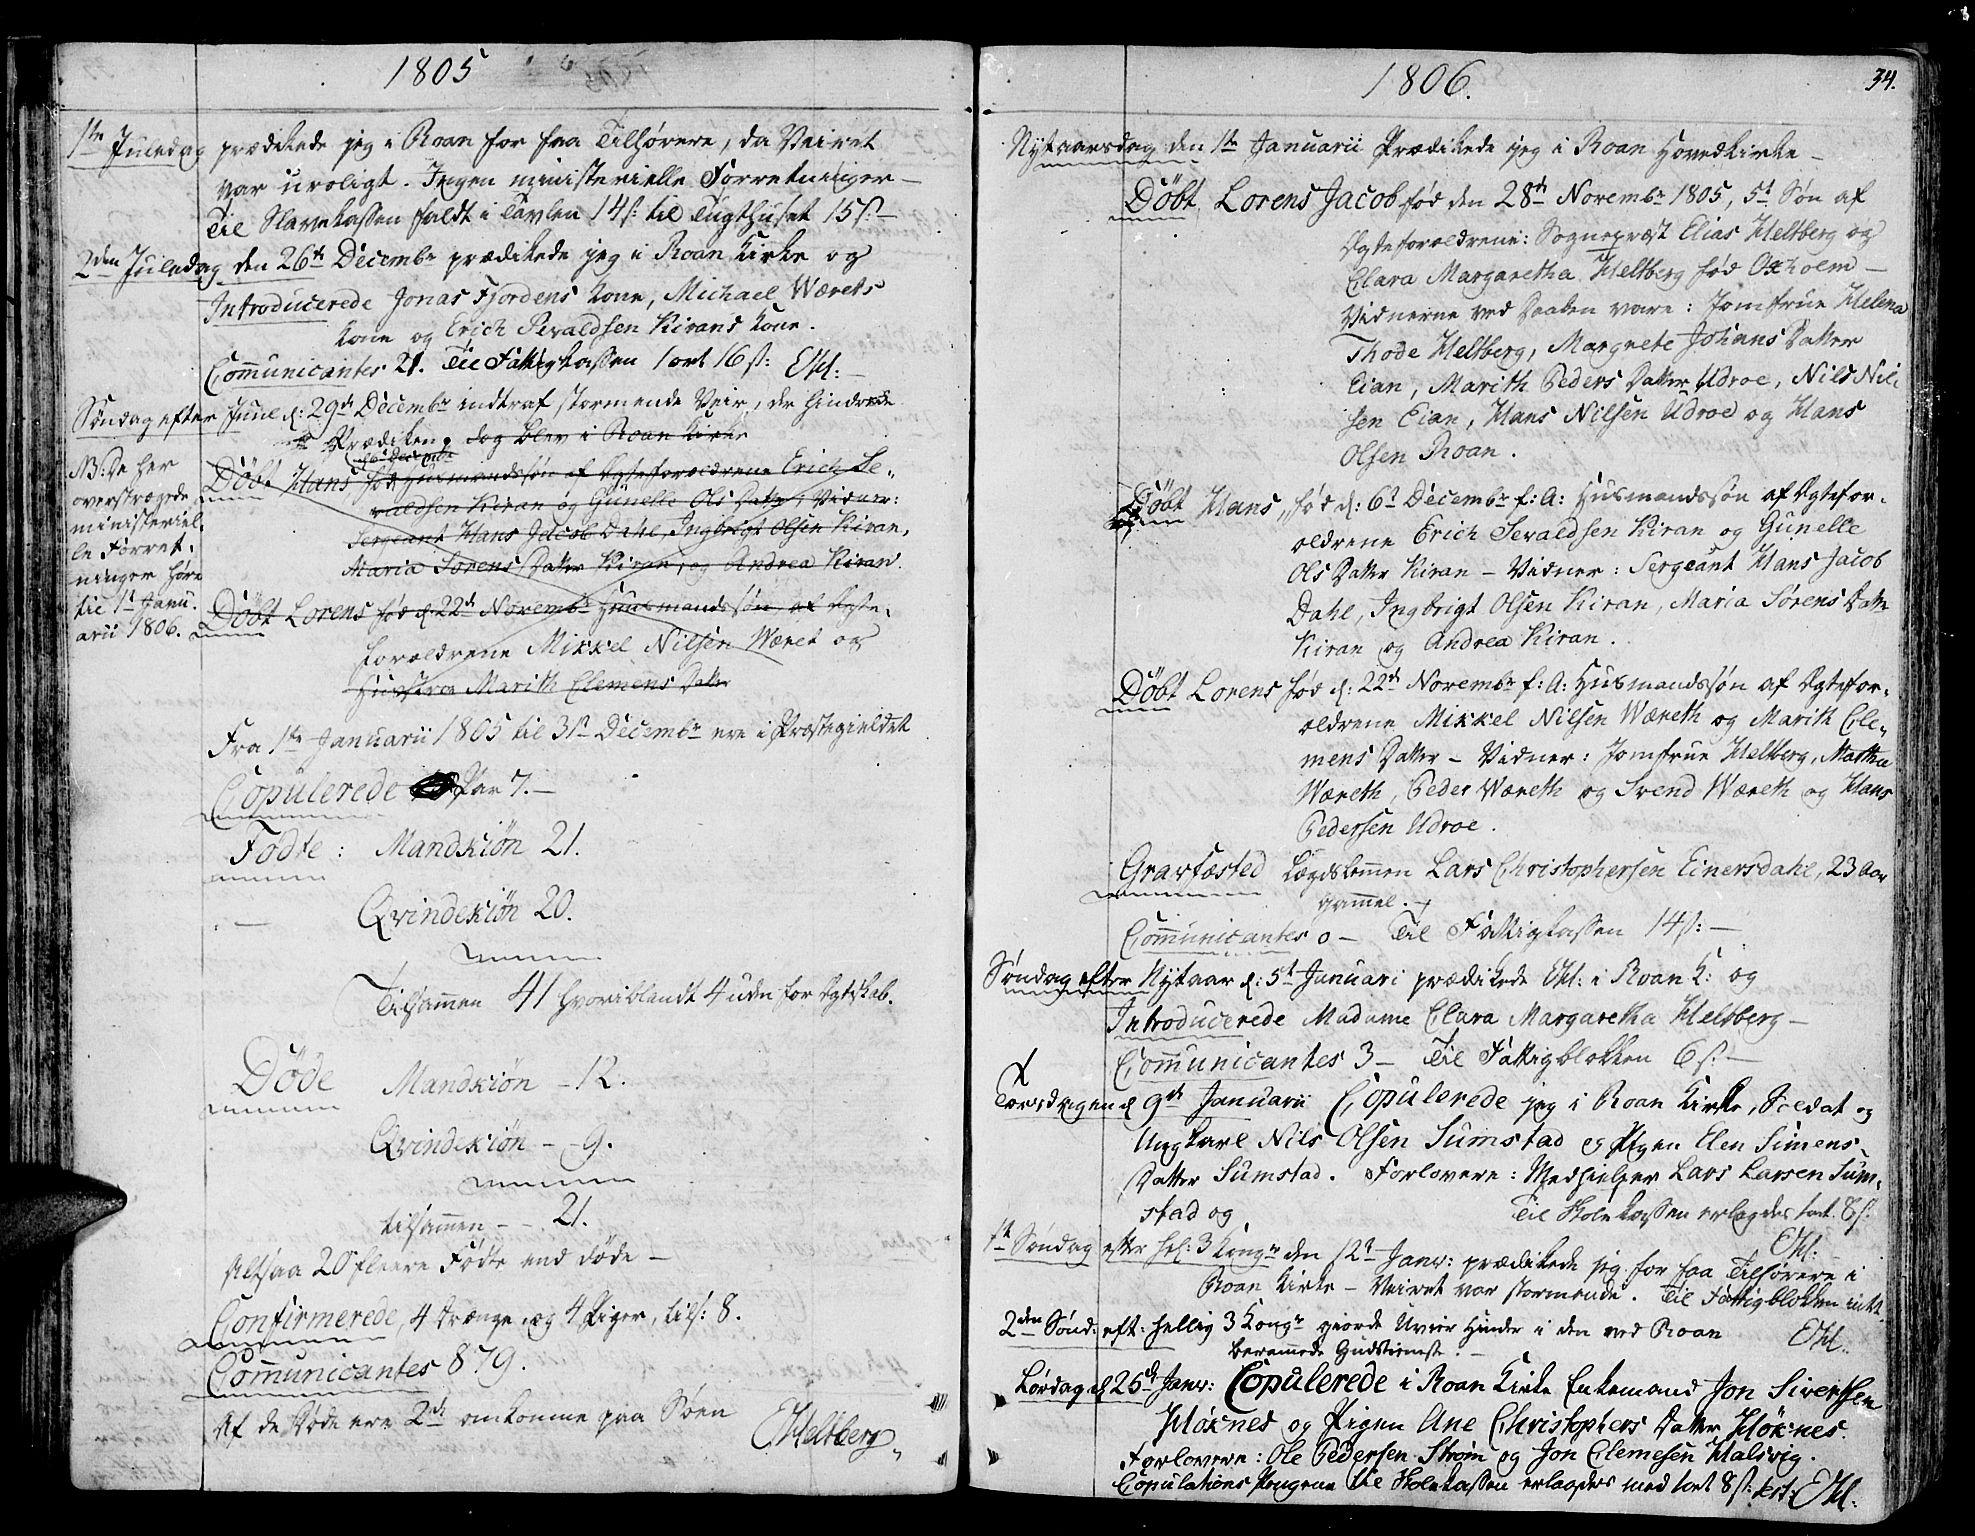 SAT, Ministerialprotokoller, klokkerbøker og fødselsregistre - Sør-Trøndelag, 657/L0701: Ministerialbok nr. 657A02, 1802-1831, s. 34